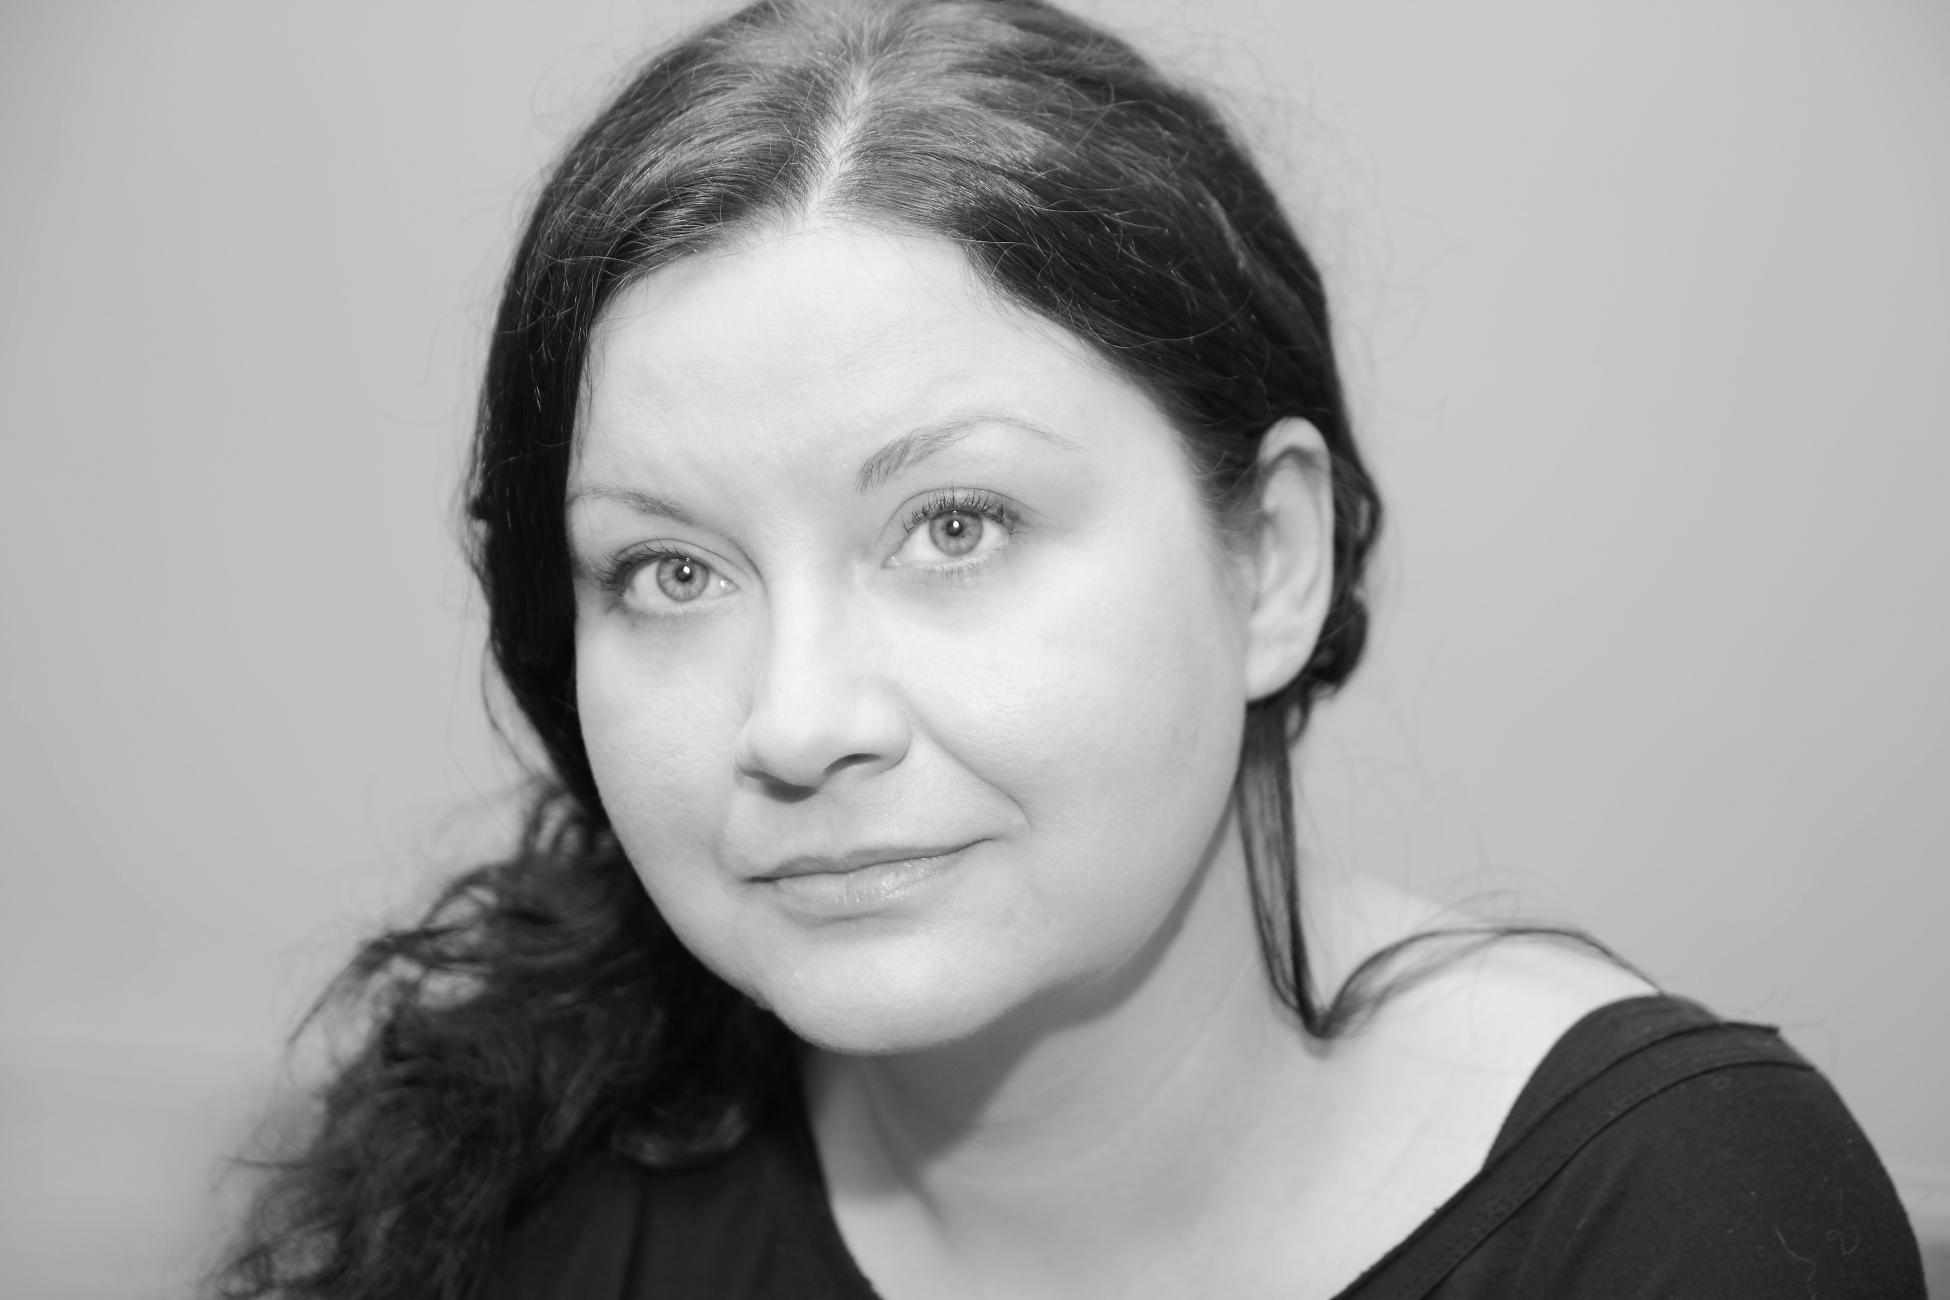 ola-szczygieł-sesje-kobiece-fotograf-projekt-lubliniczanka-wystawa-dom-kultury-lubliniec-gosia